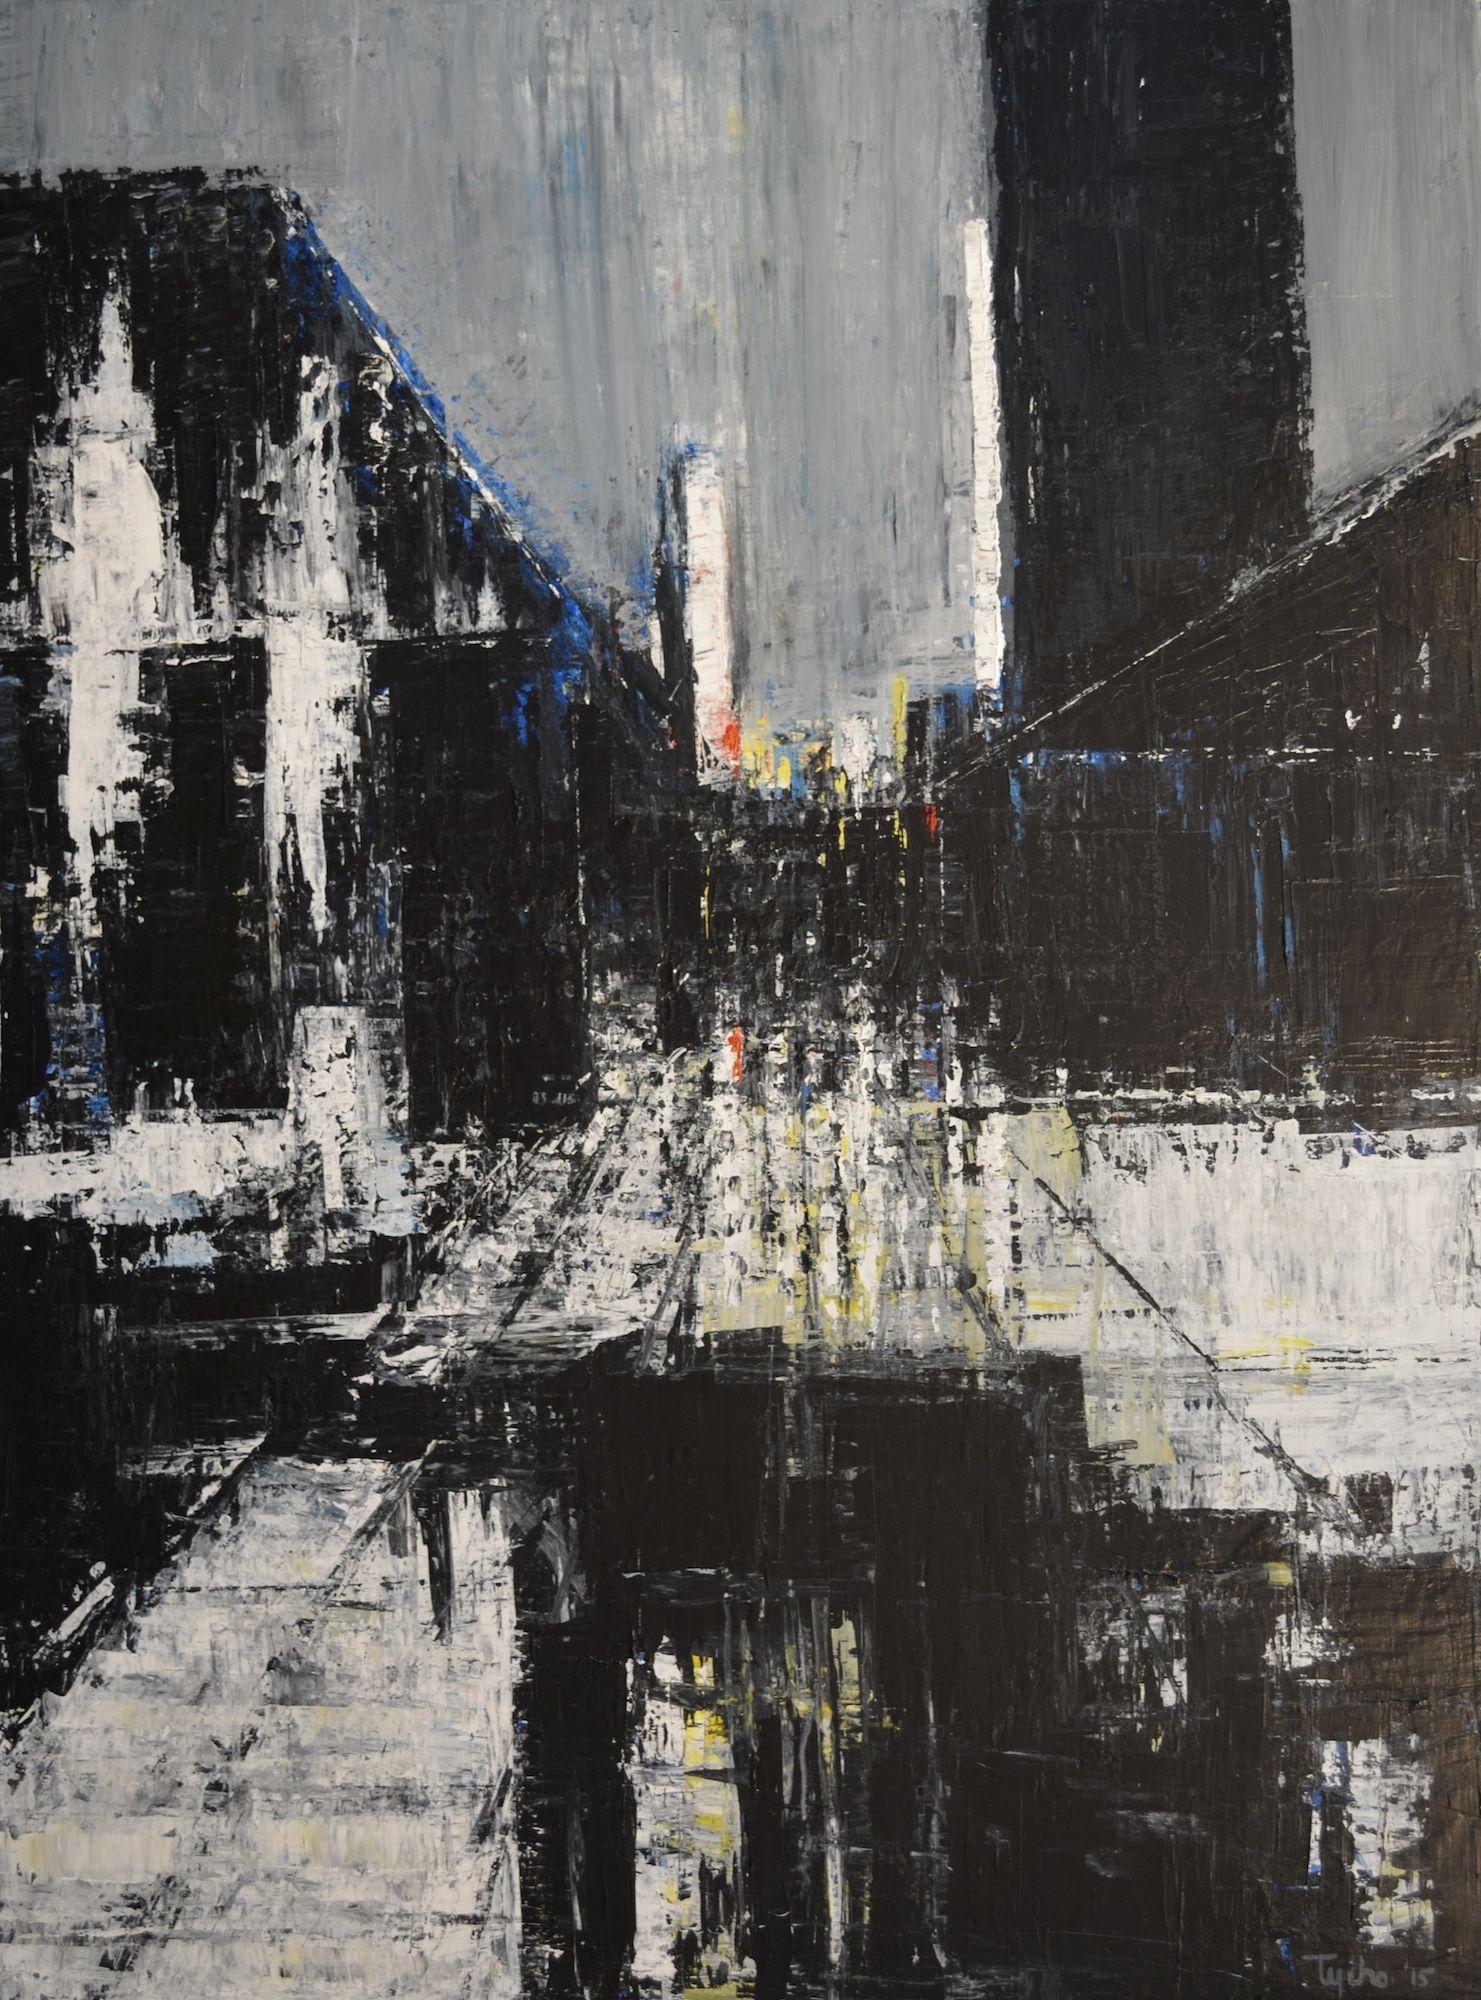 Urban Composition #3